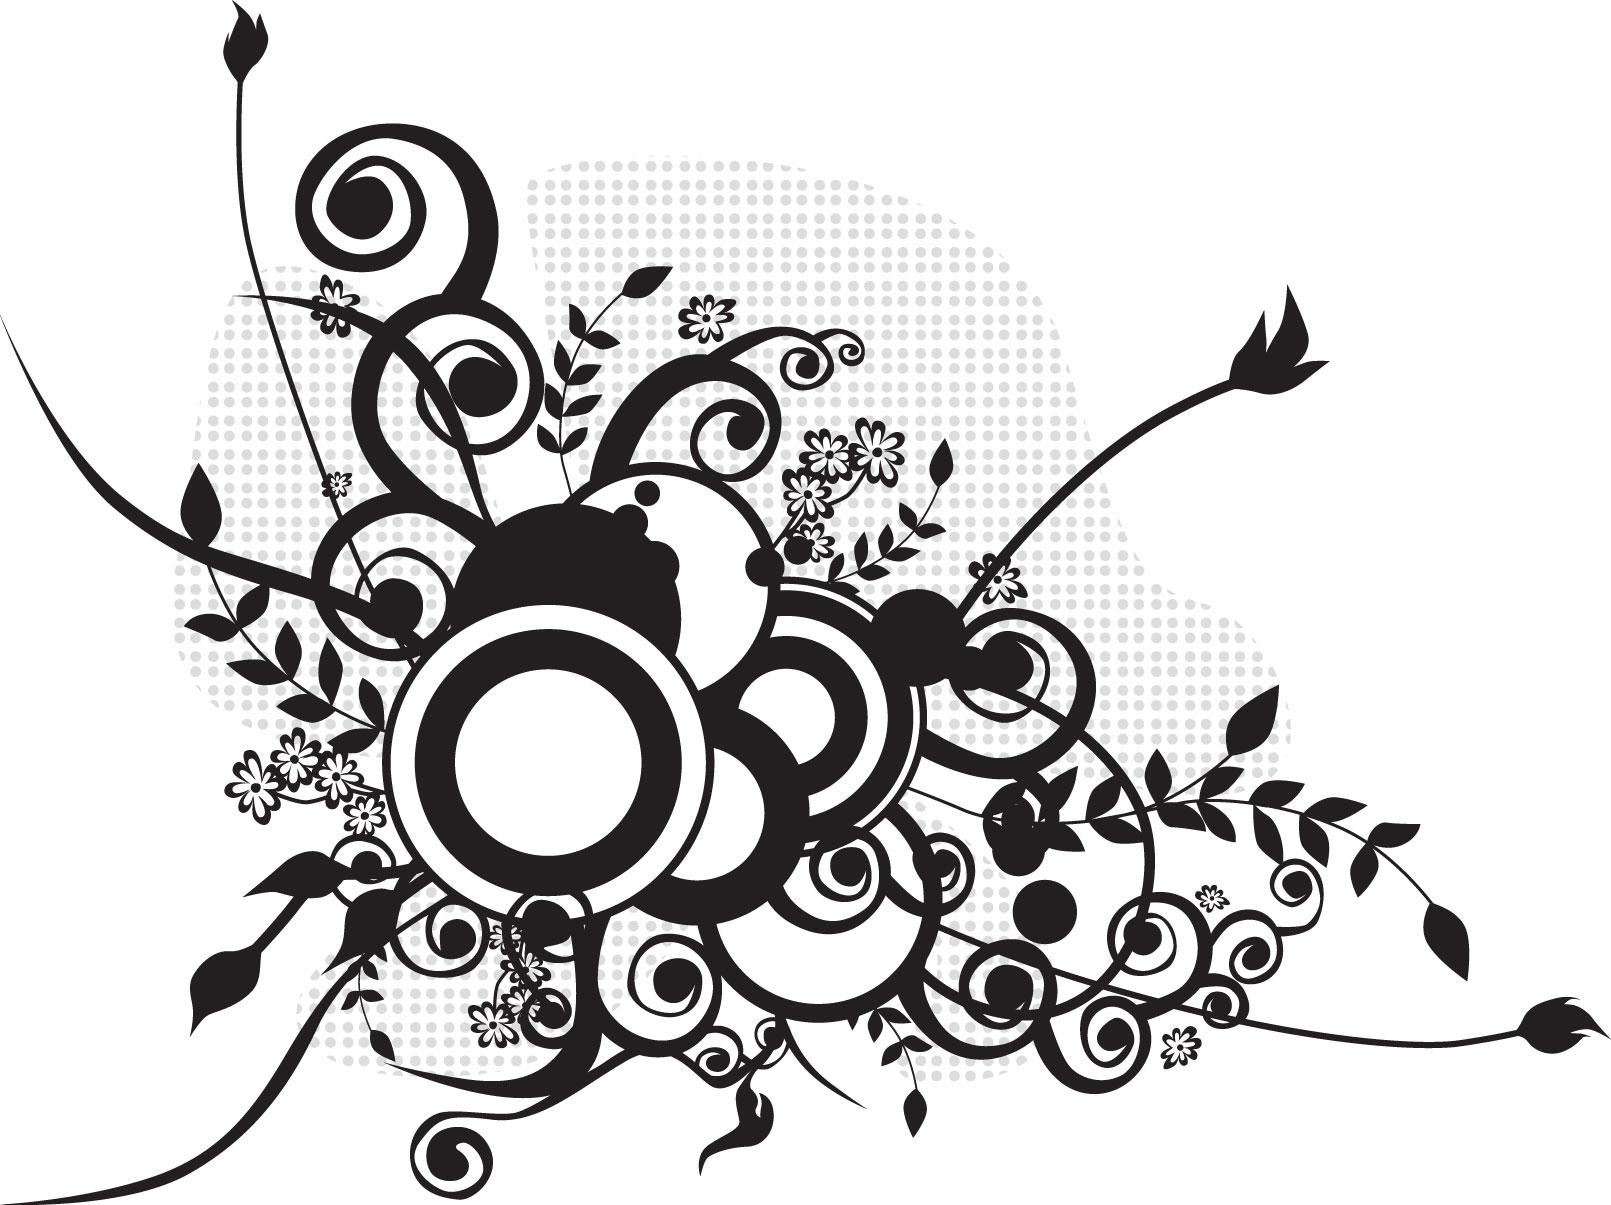 花のイラスト・フリー素材/白黒・モノクロno.567『円・蔓・葉』